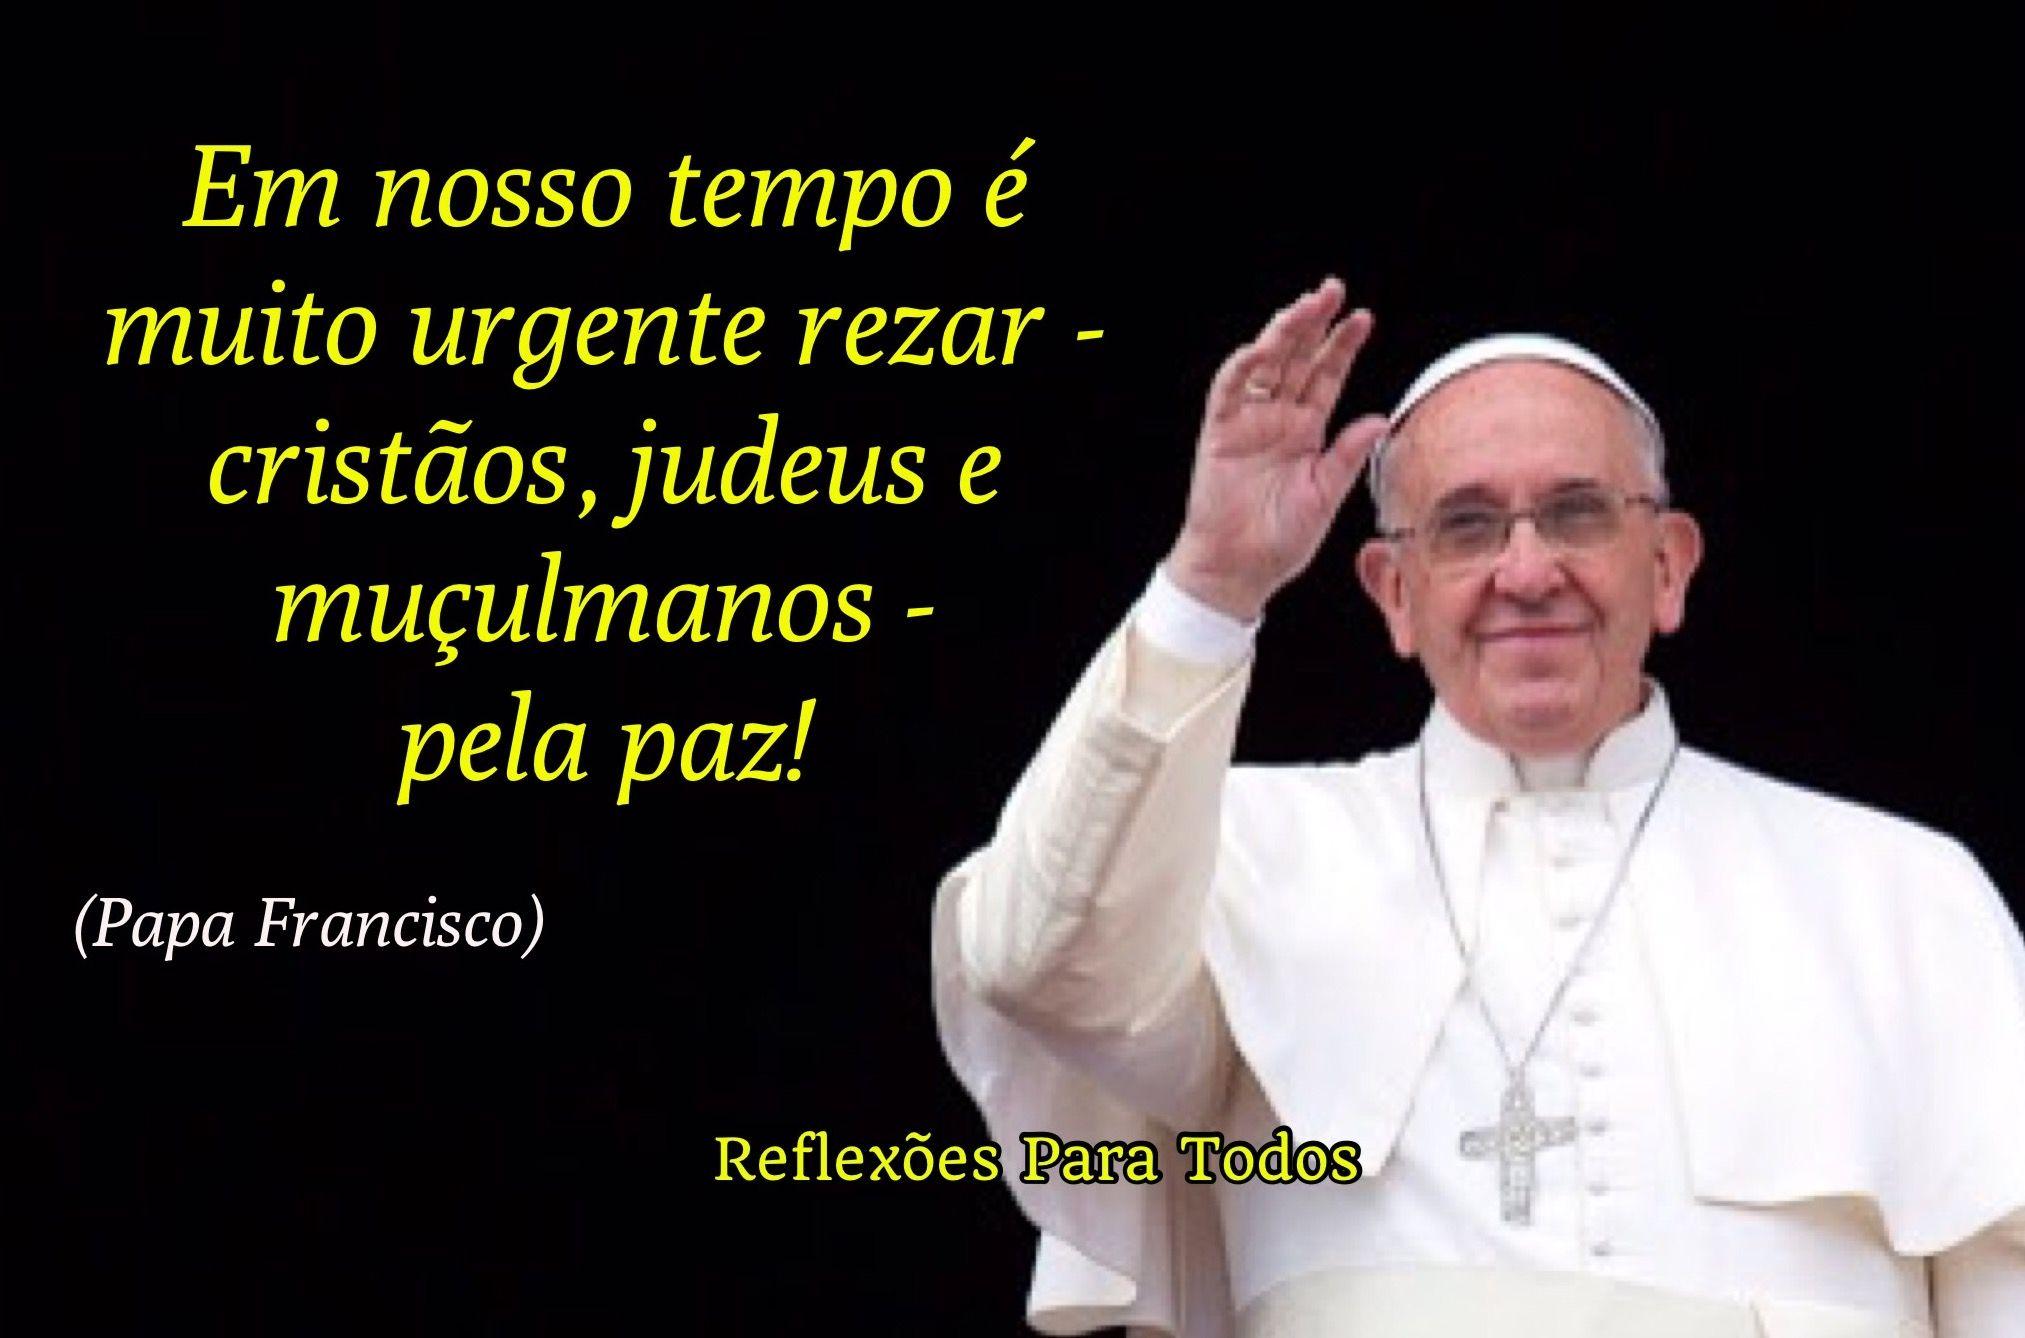 Frases De Paz P 2: Rezem Pela Paz (Papa Francisco)